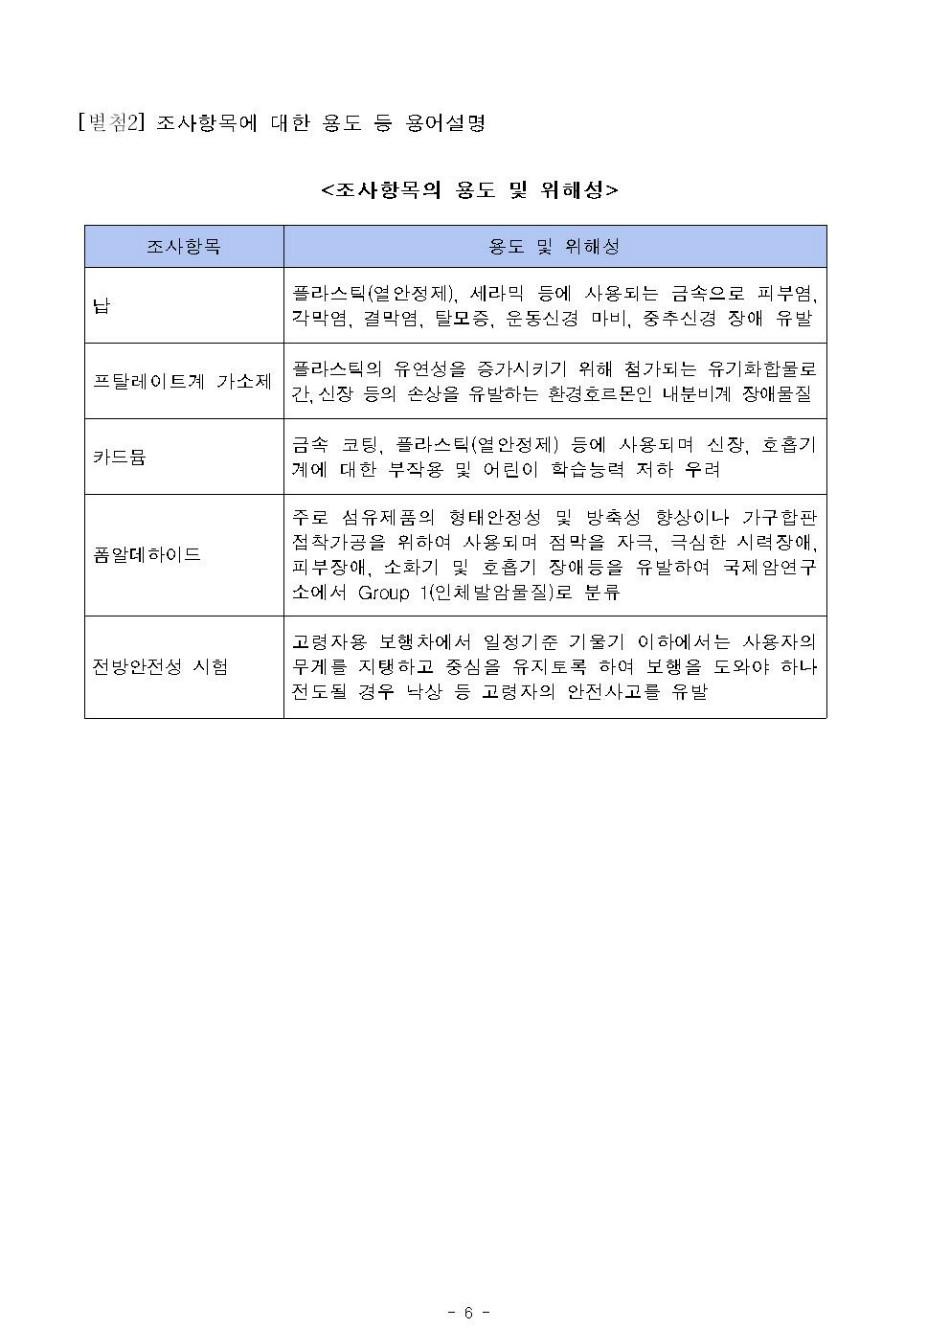 150916 신학기 학생용품, 고령자용보행차_보도자료_16일 조간_수정006.jpg